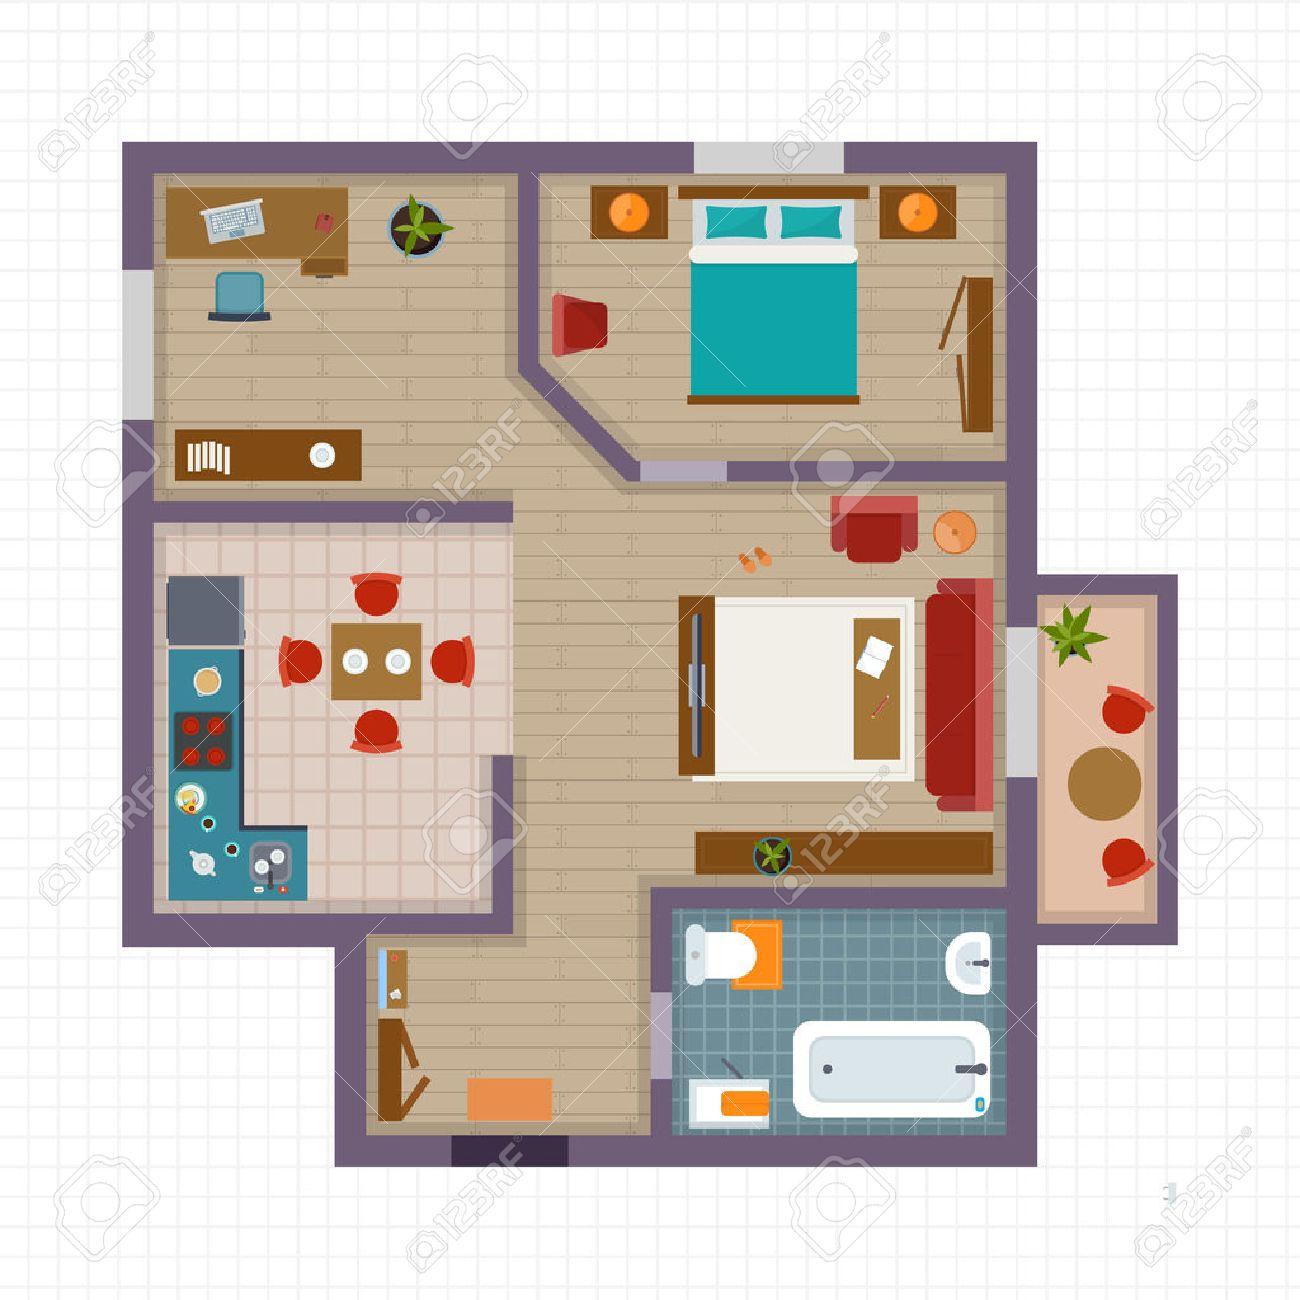 Muebles De Apartamento Detallada Vista Desde Arriba Por Encima. Plan ...